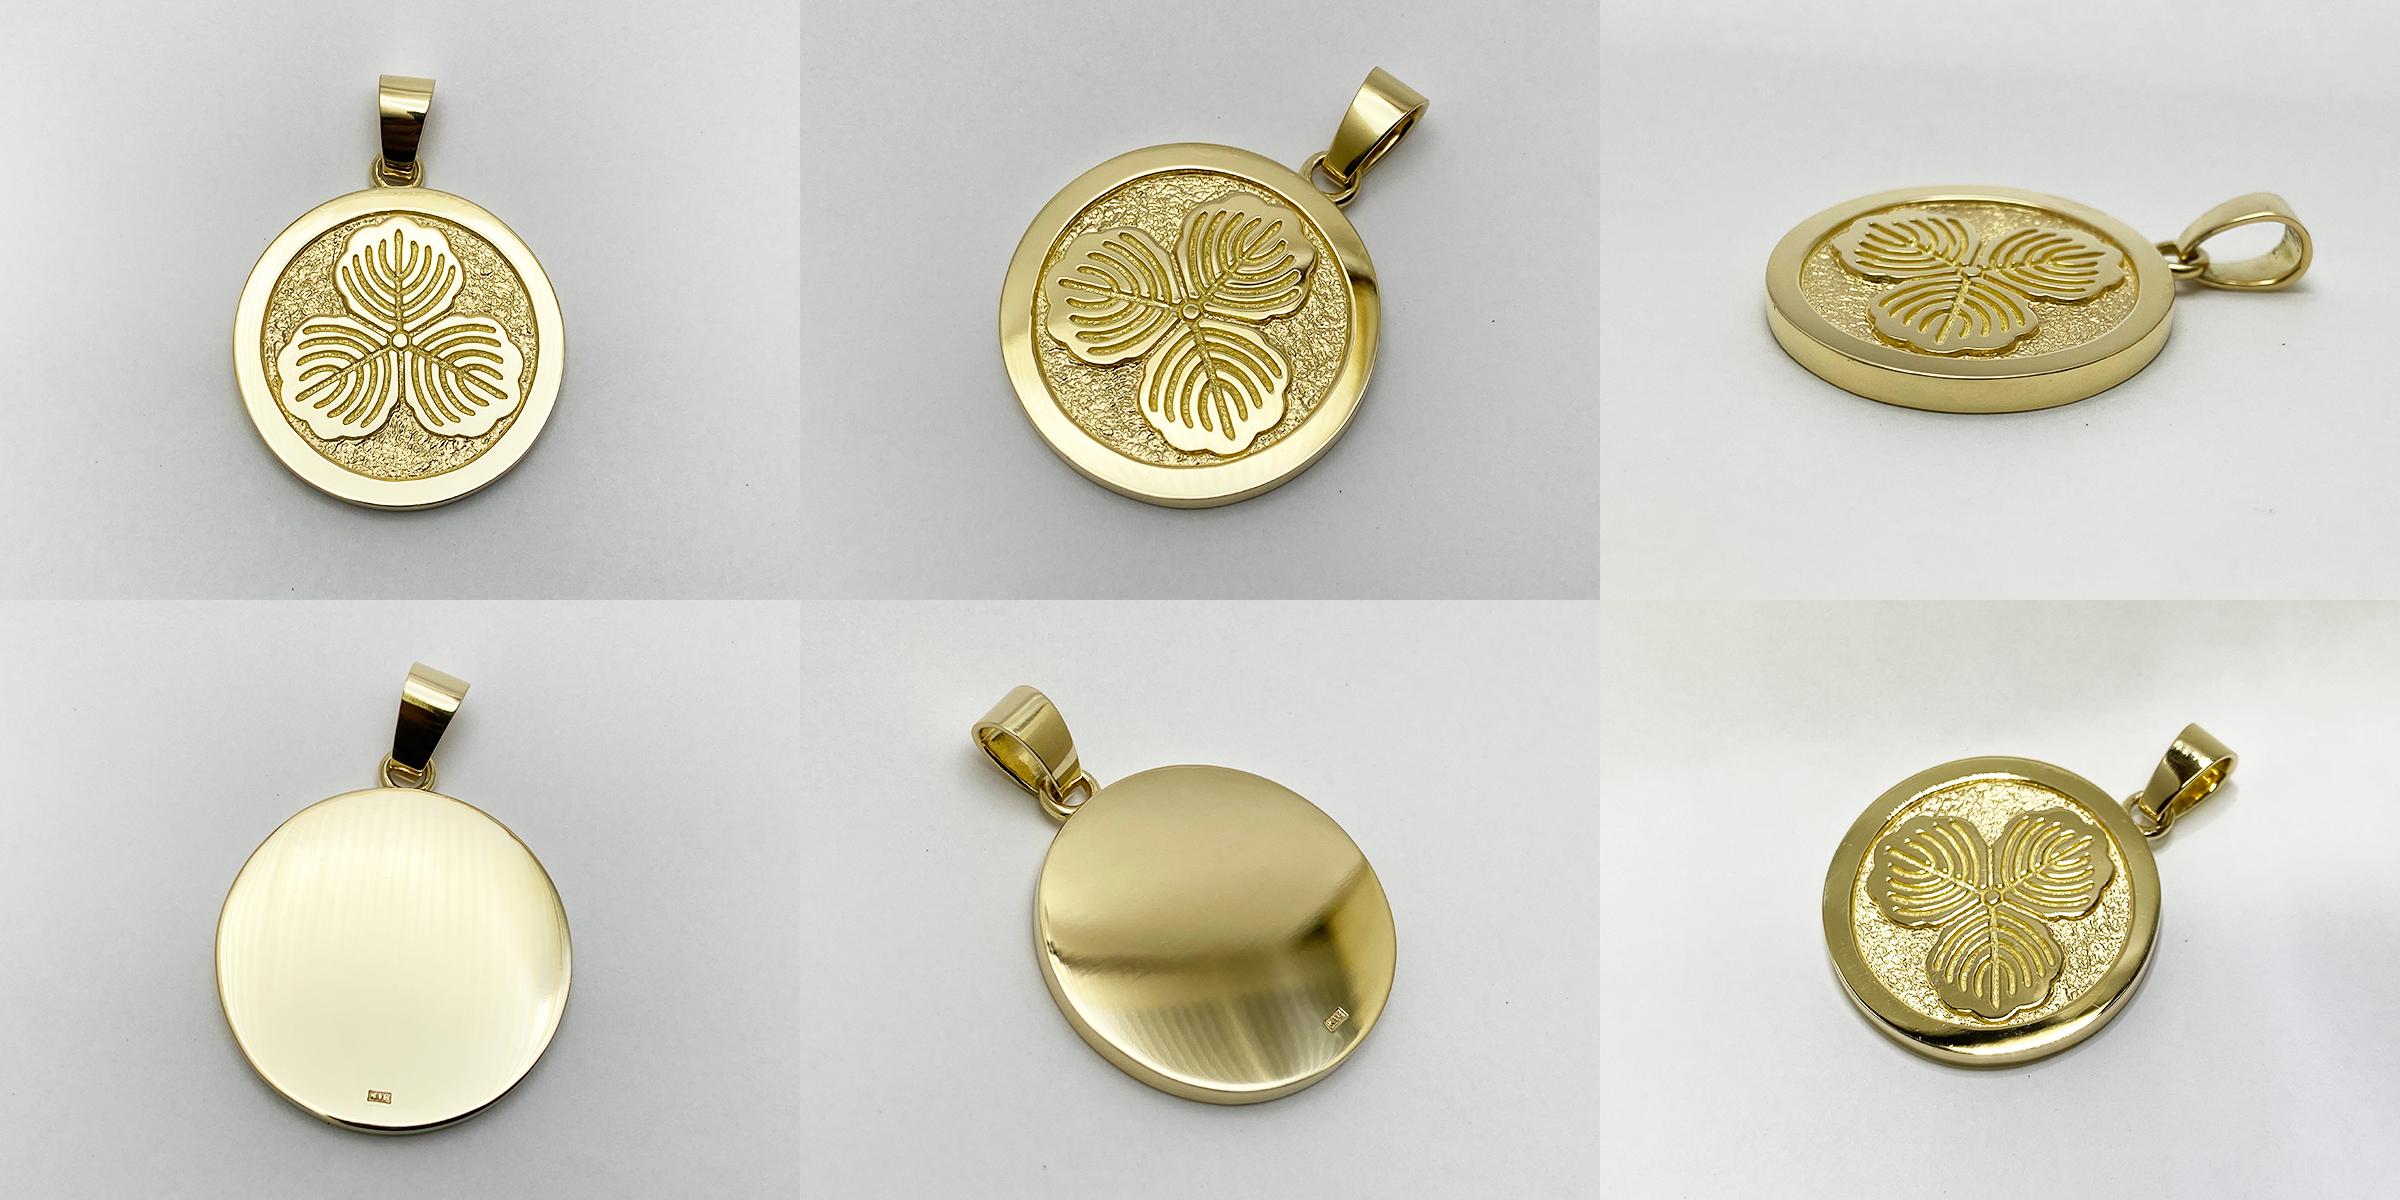 18金オーダーメイド家紋ペンダントトップ